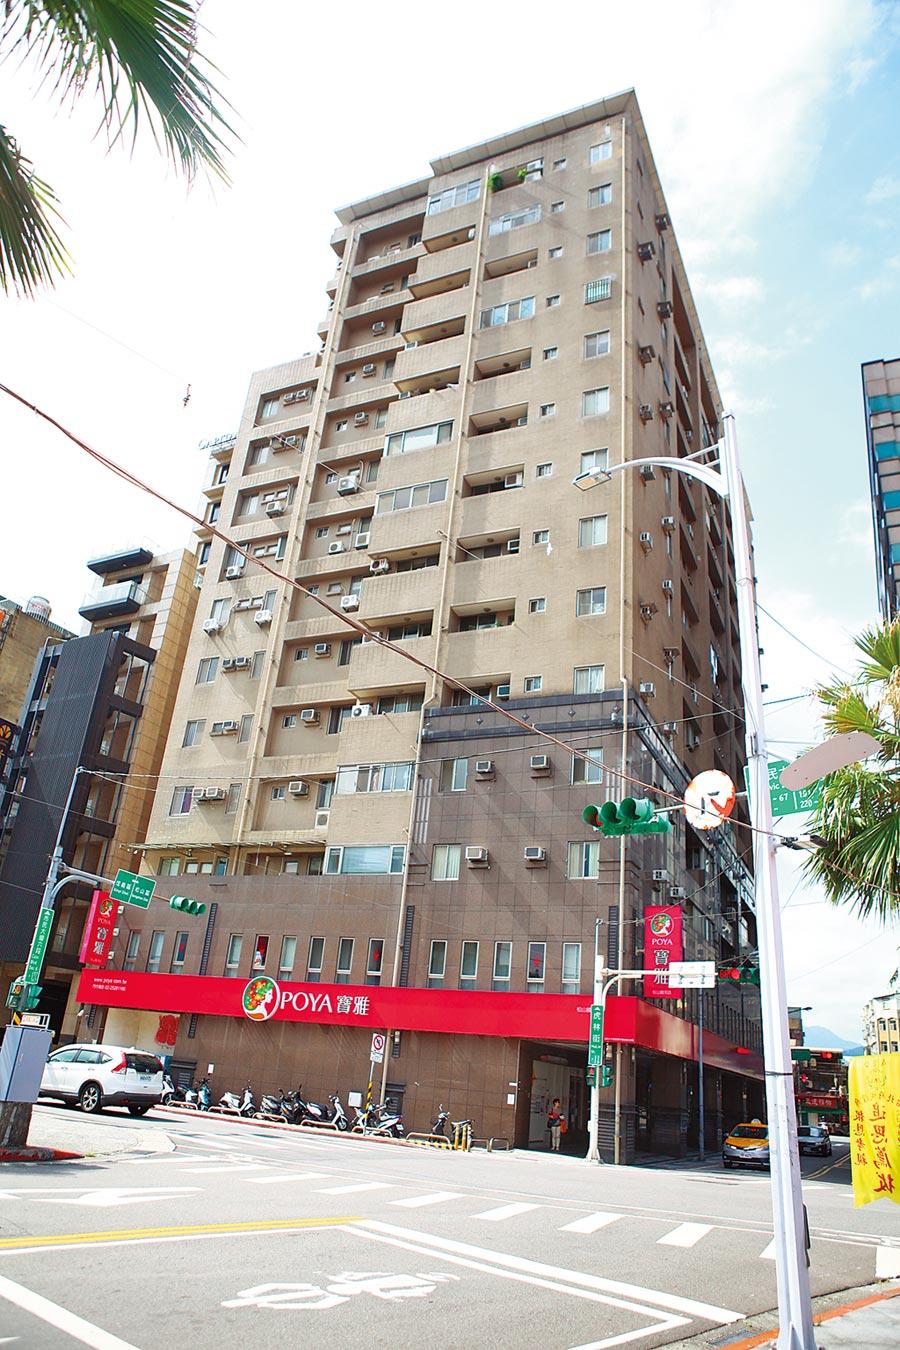 台北市東星大樓歷經10年原地重建,1樓進駐寶雅生活用品,人來人往很熱鬧。(張立勳攝)